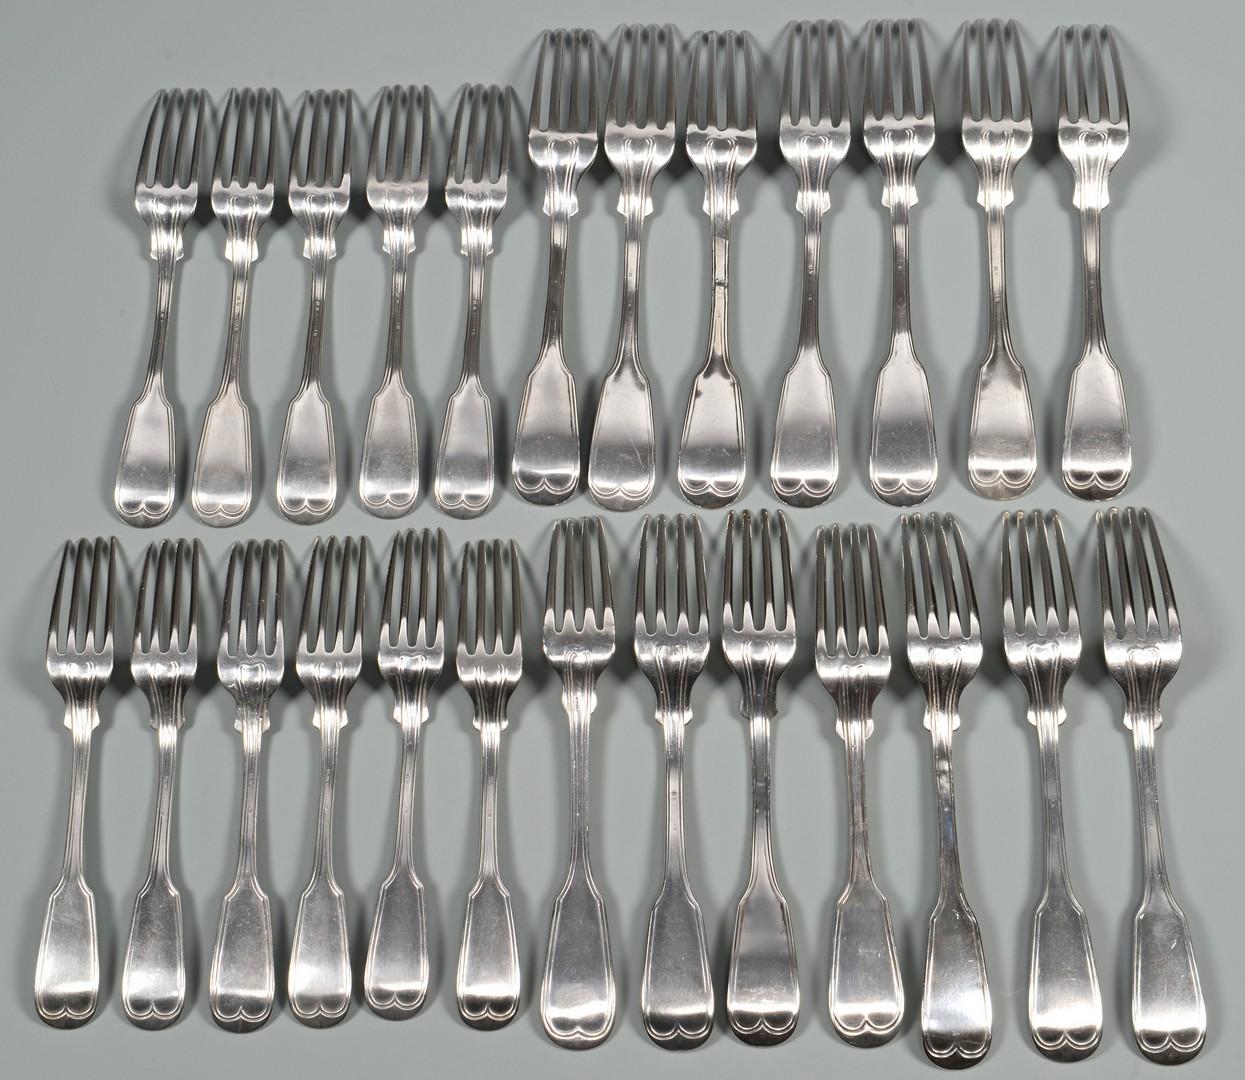 Lot 421: 19 Donigan Nashville Coin Silver Forks, plus 6